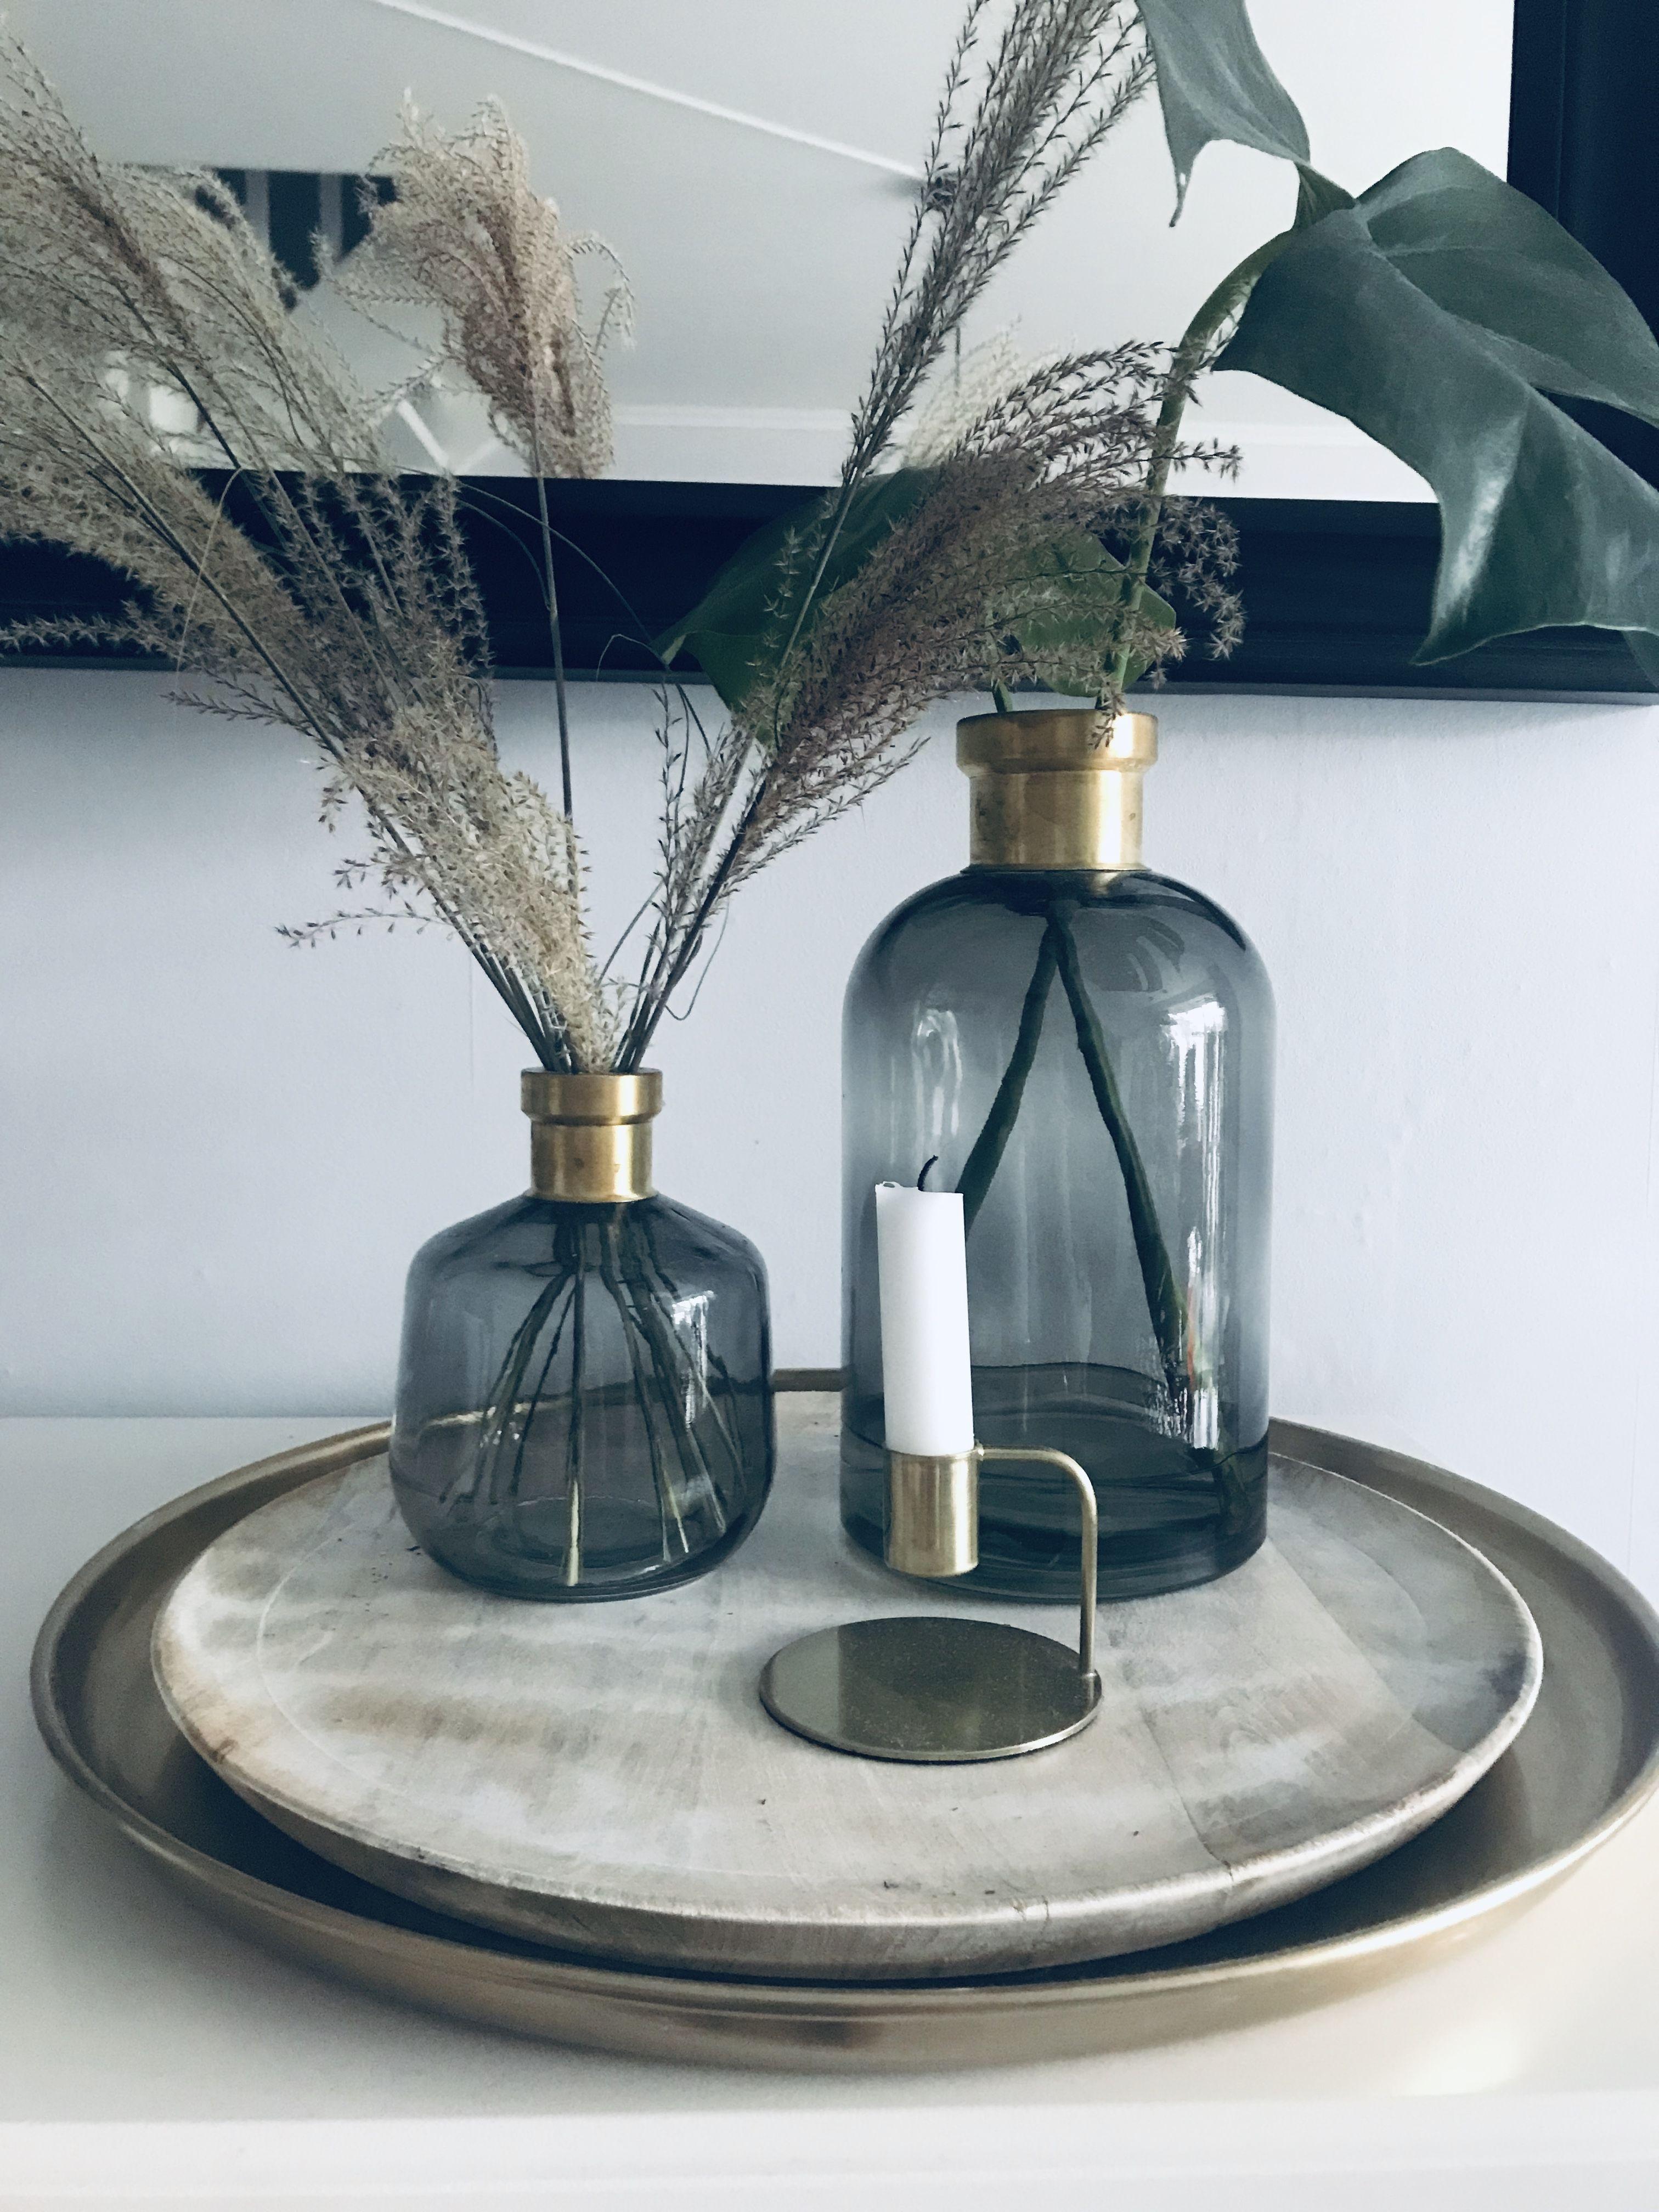 Vasen Set groß und klein, blau mit gold, glasvase, pampasgras, setting